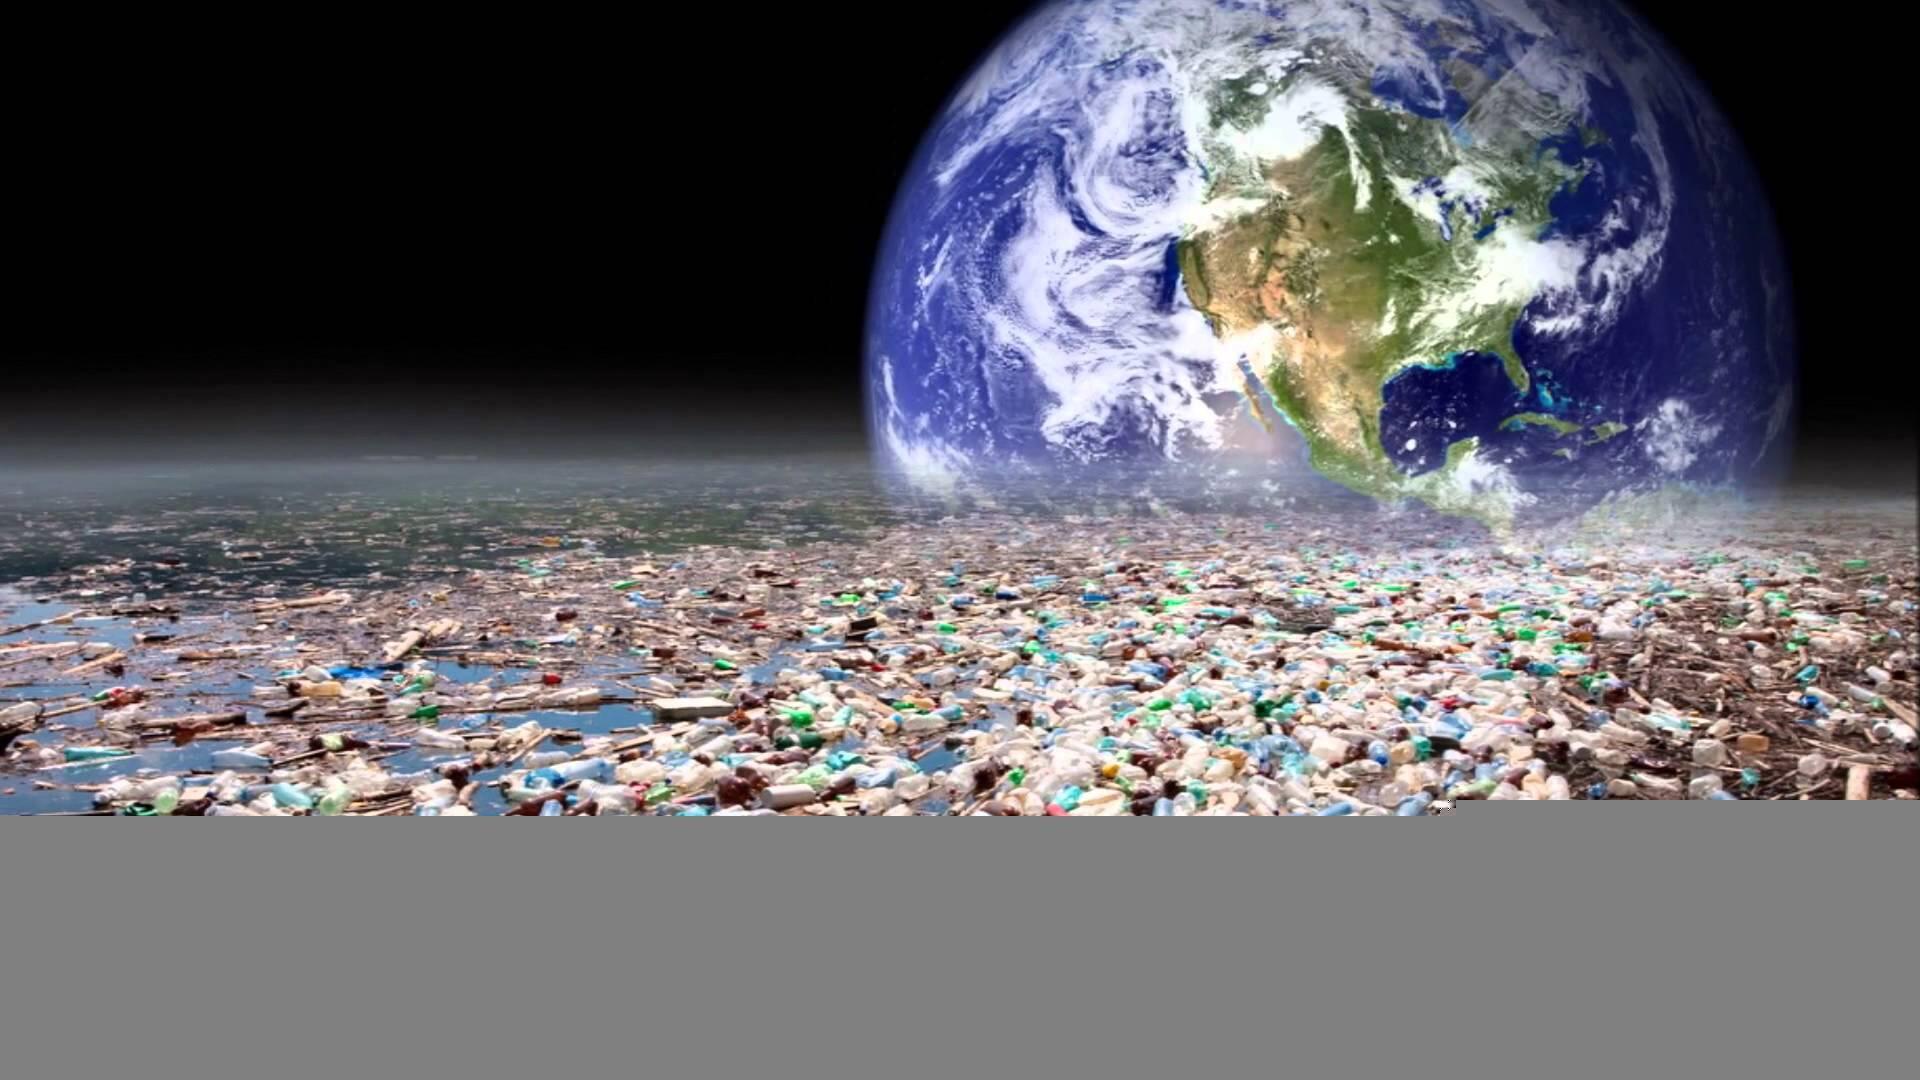 حرب عالمية على البلاستيك...لا ناقة للبنان ولا جمل!